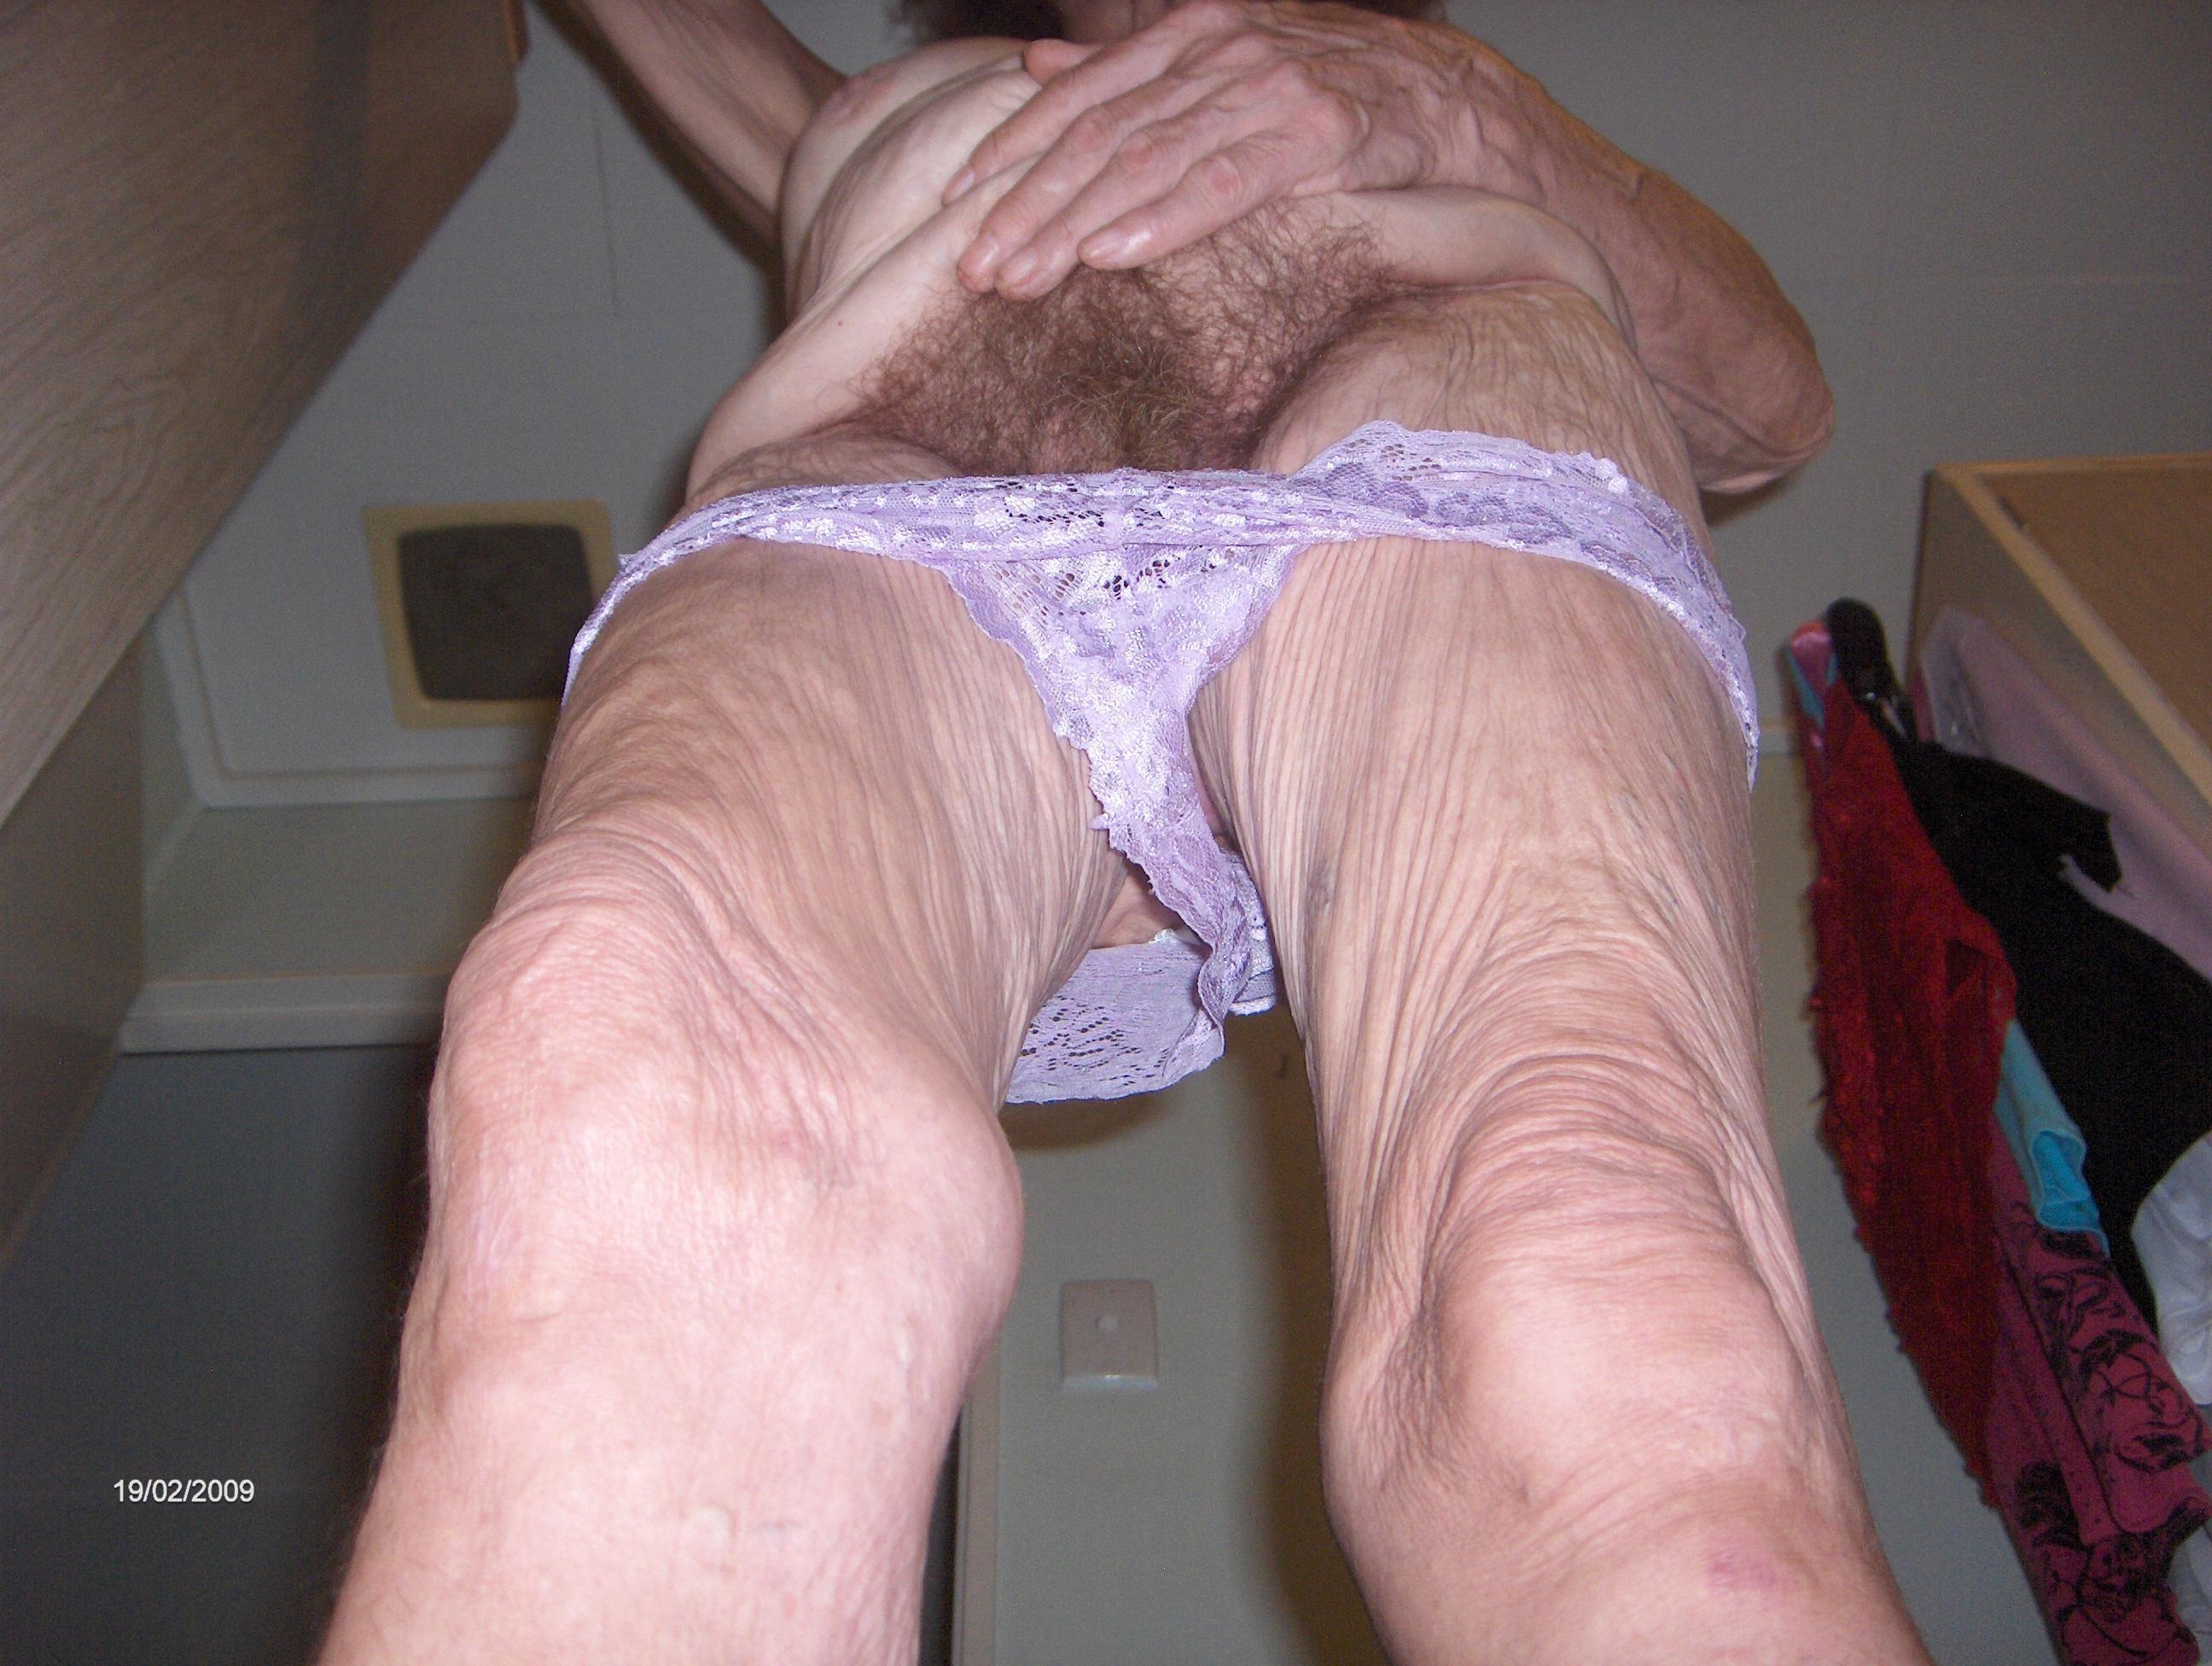 уверен, что Вас порно ебут жену в сауне должны жить, как гореть!